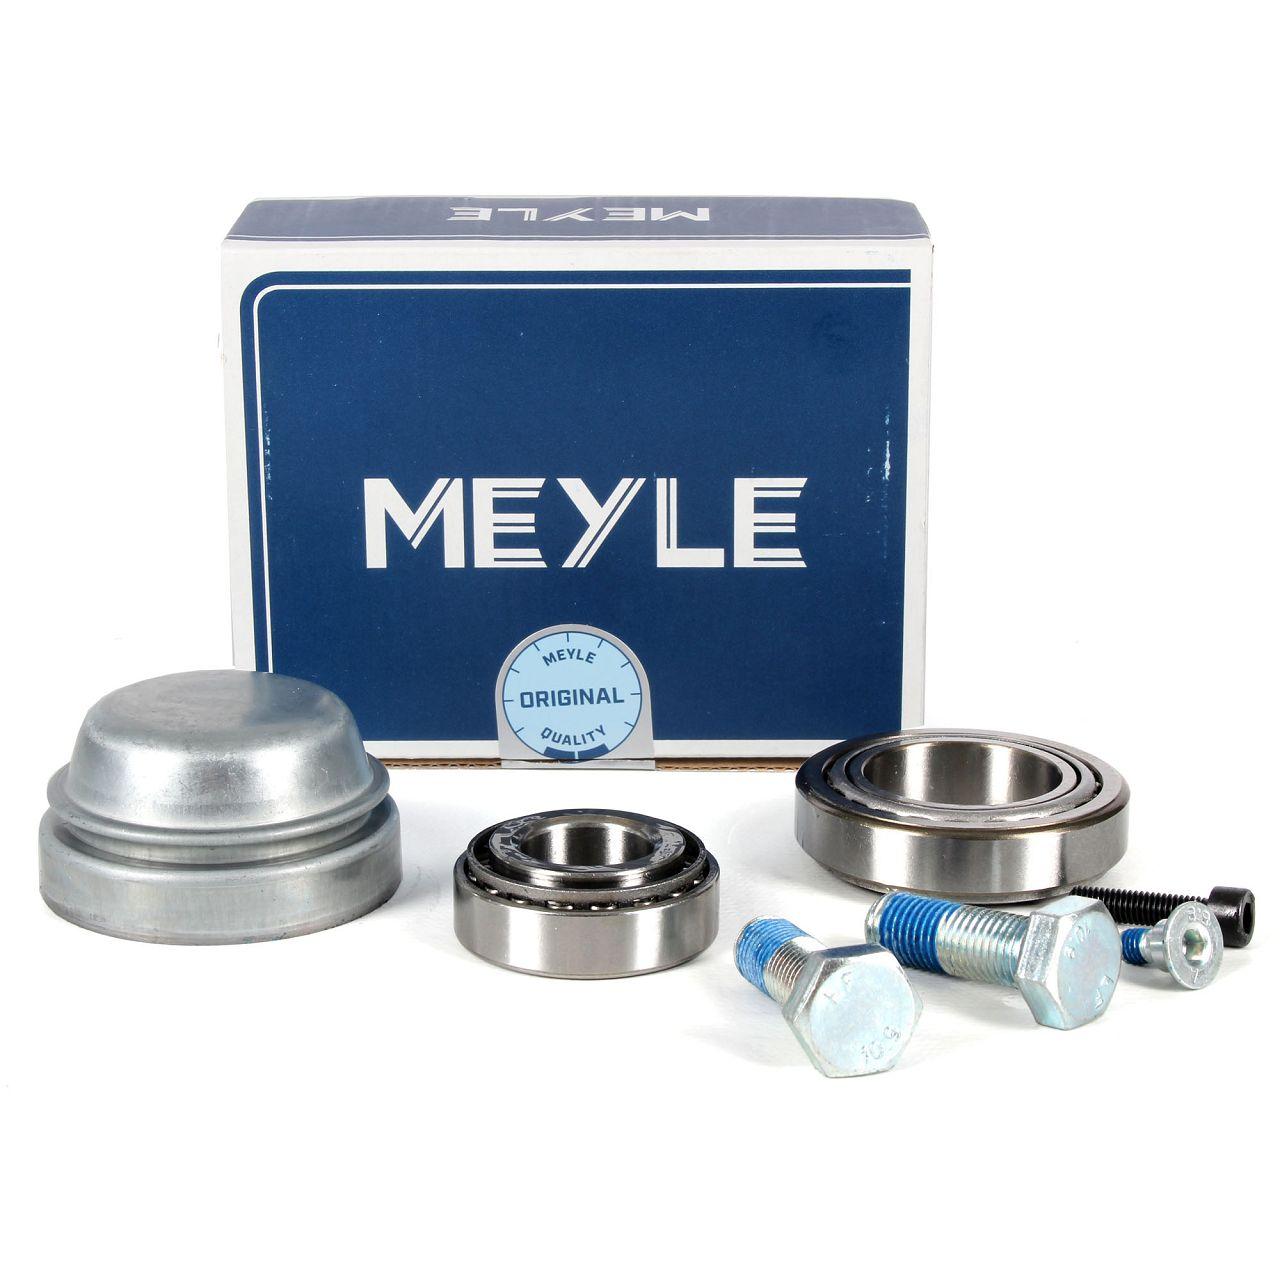 MEYLE 0140330100 Radlagersatz MERCEDES W202 S202 W210 S210 SLK R170 CLK C208 A208 vorne